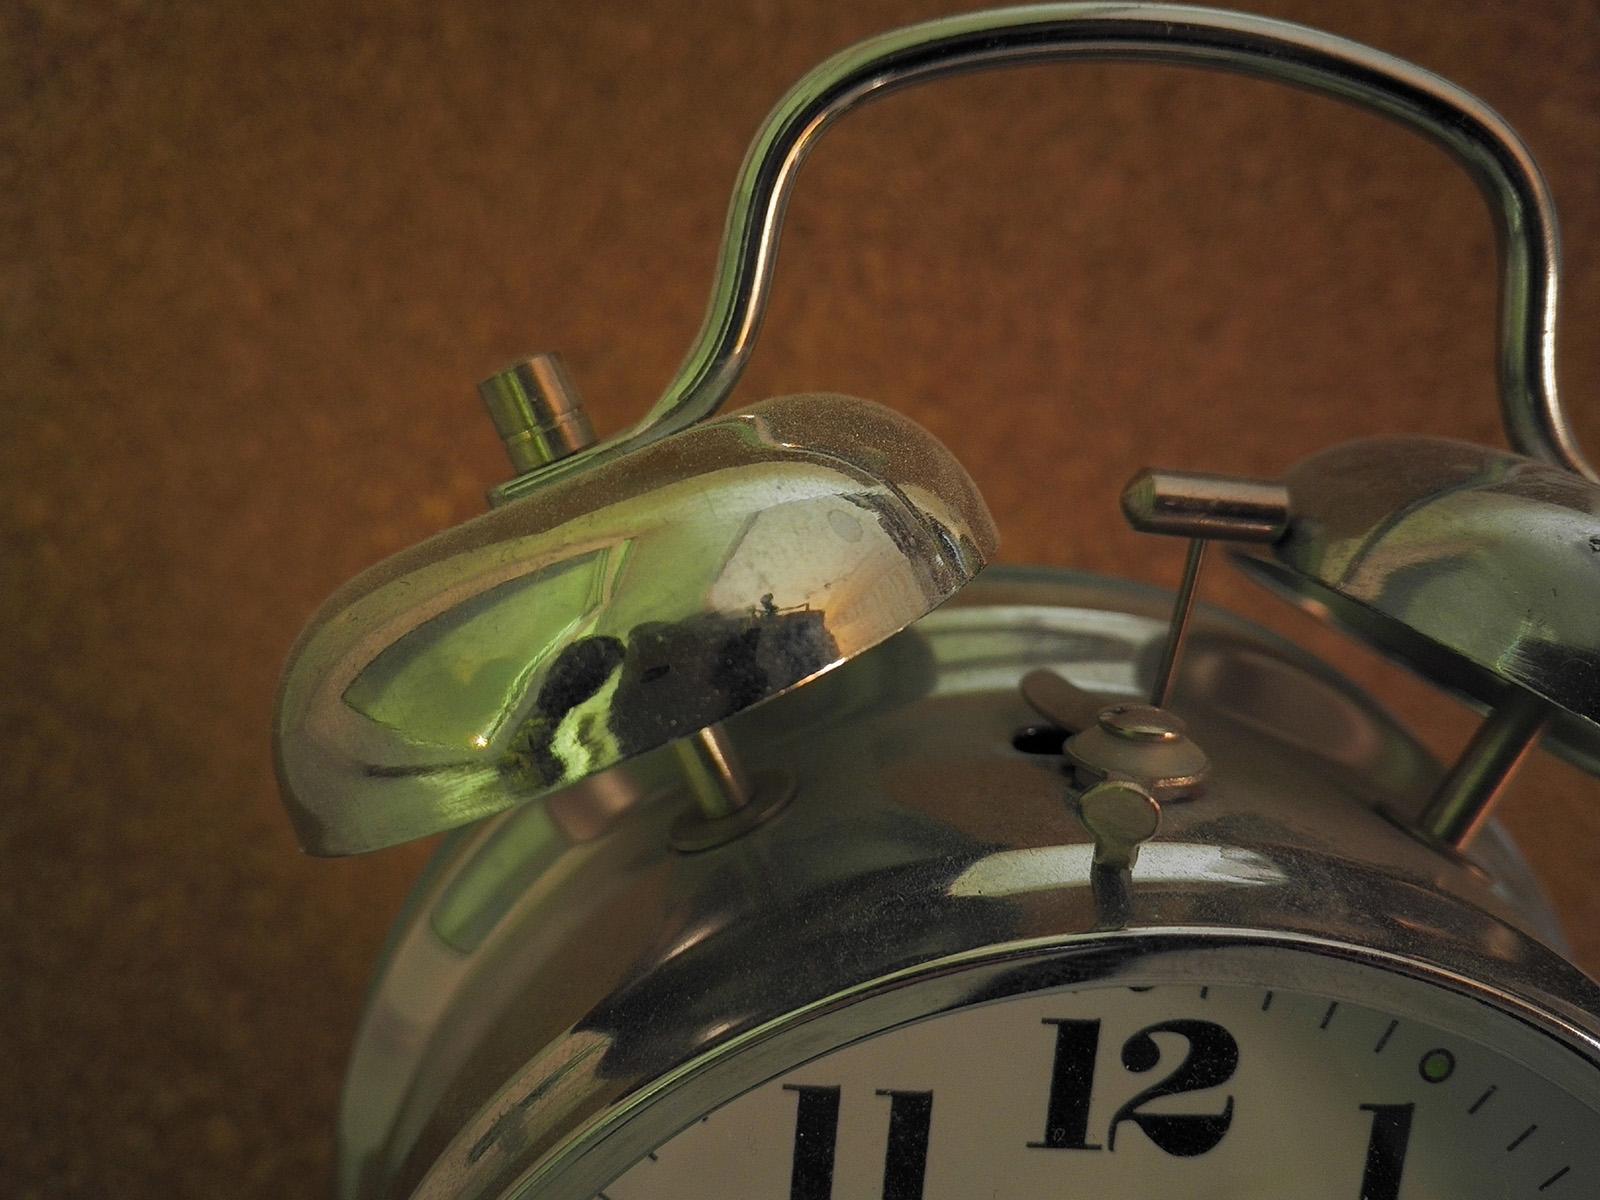 Ночной режим (ISO 200), снято со штатива